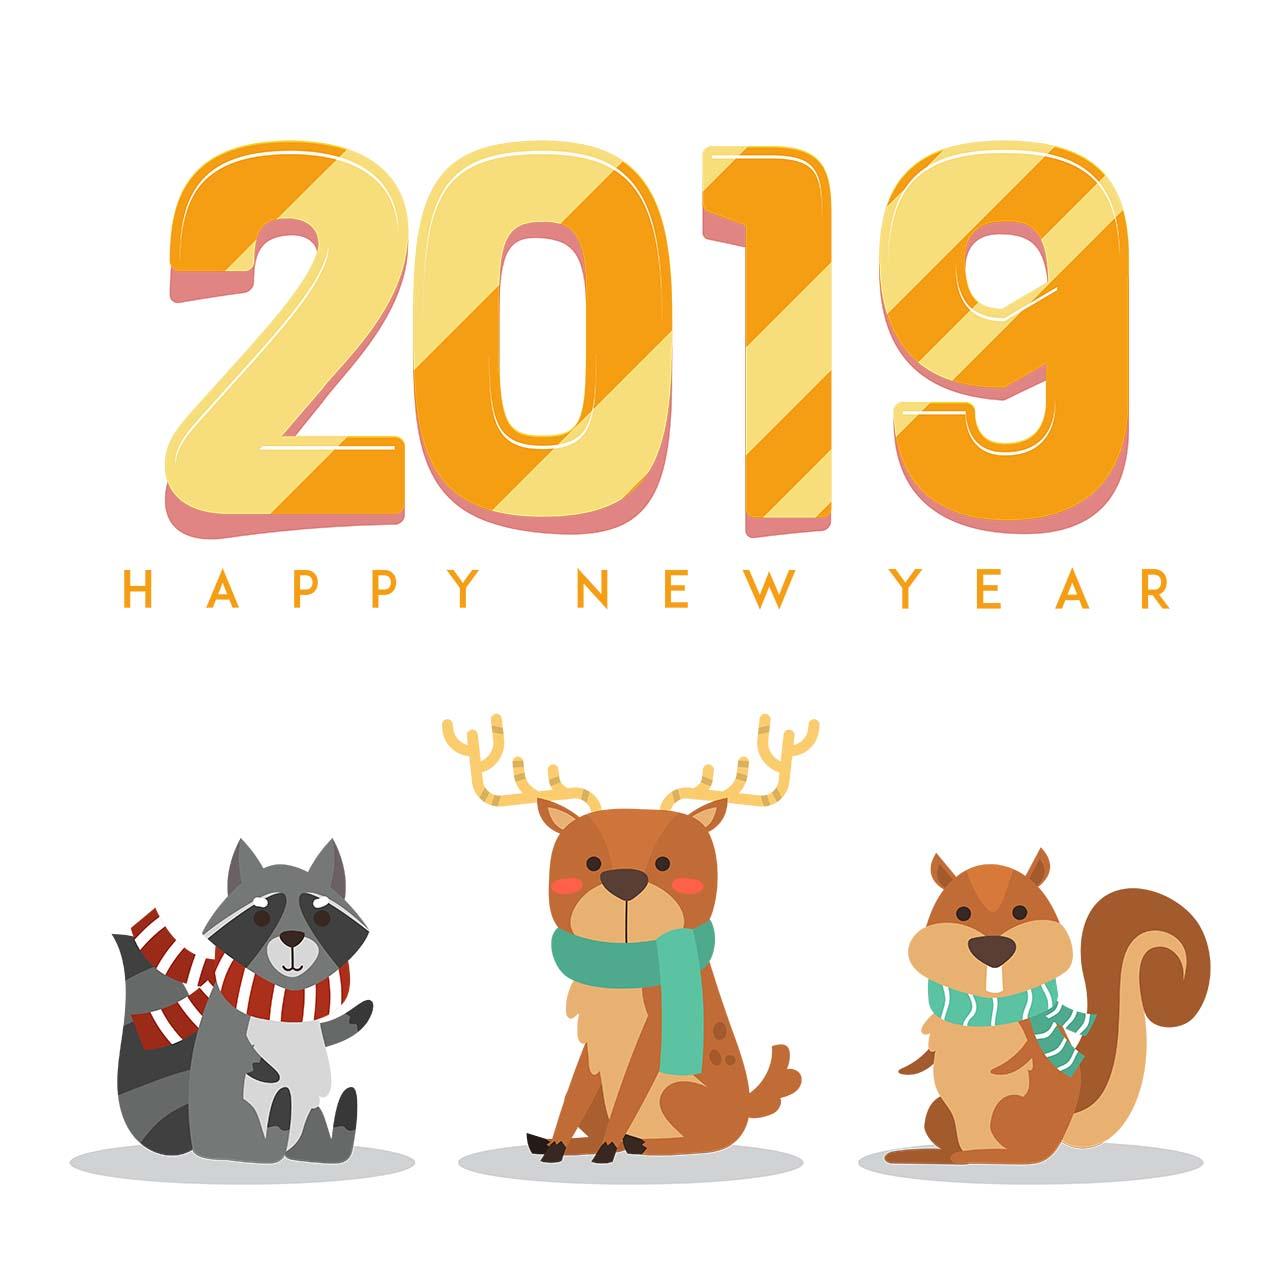 Hình nền đón chào năm mới 2019